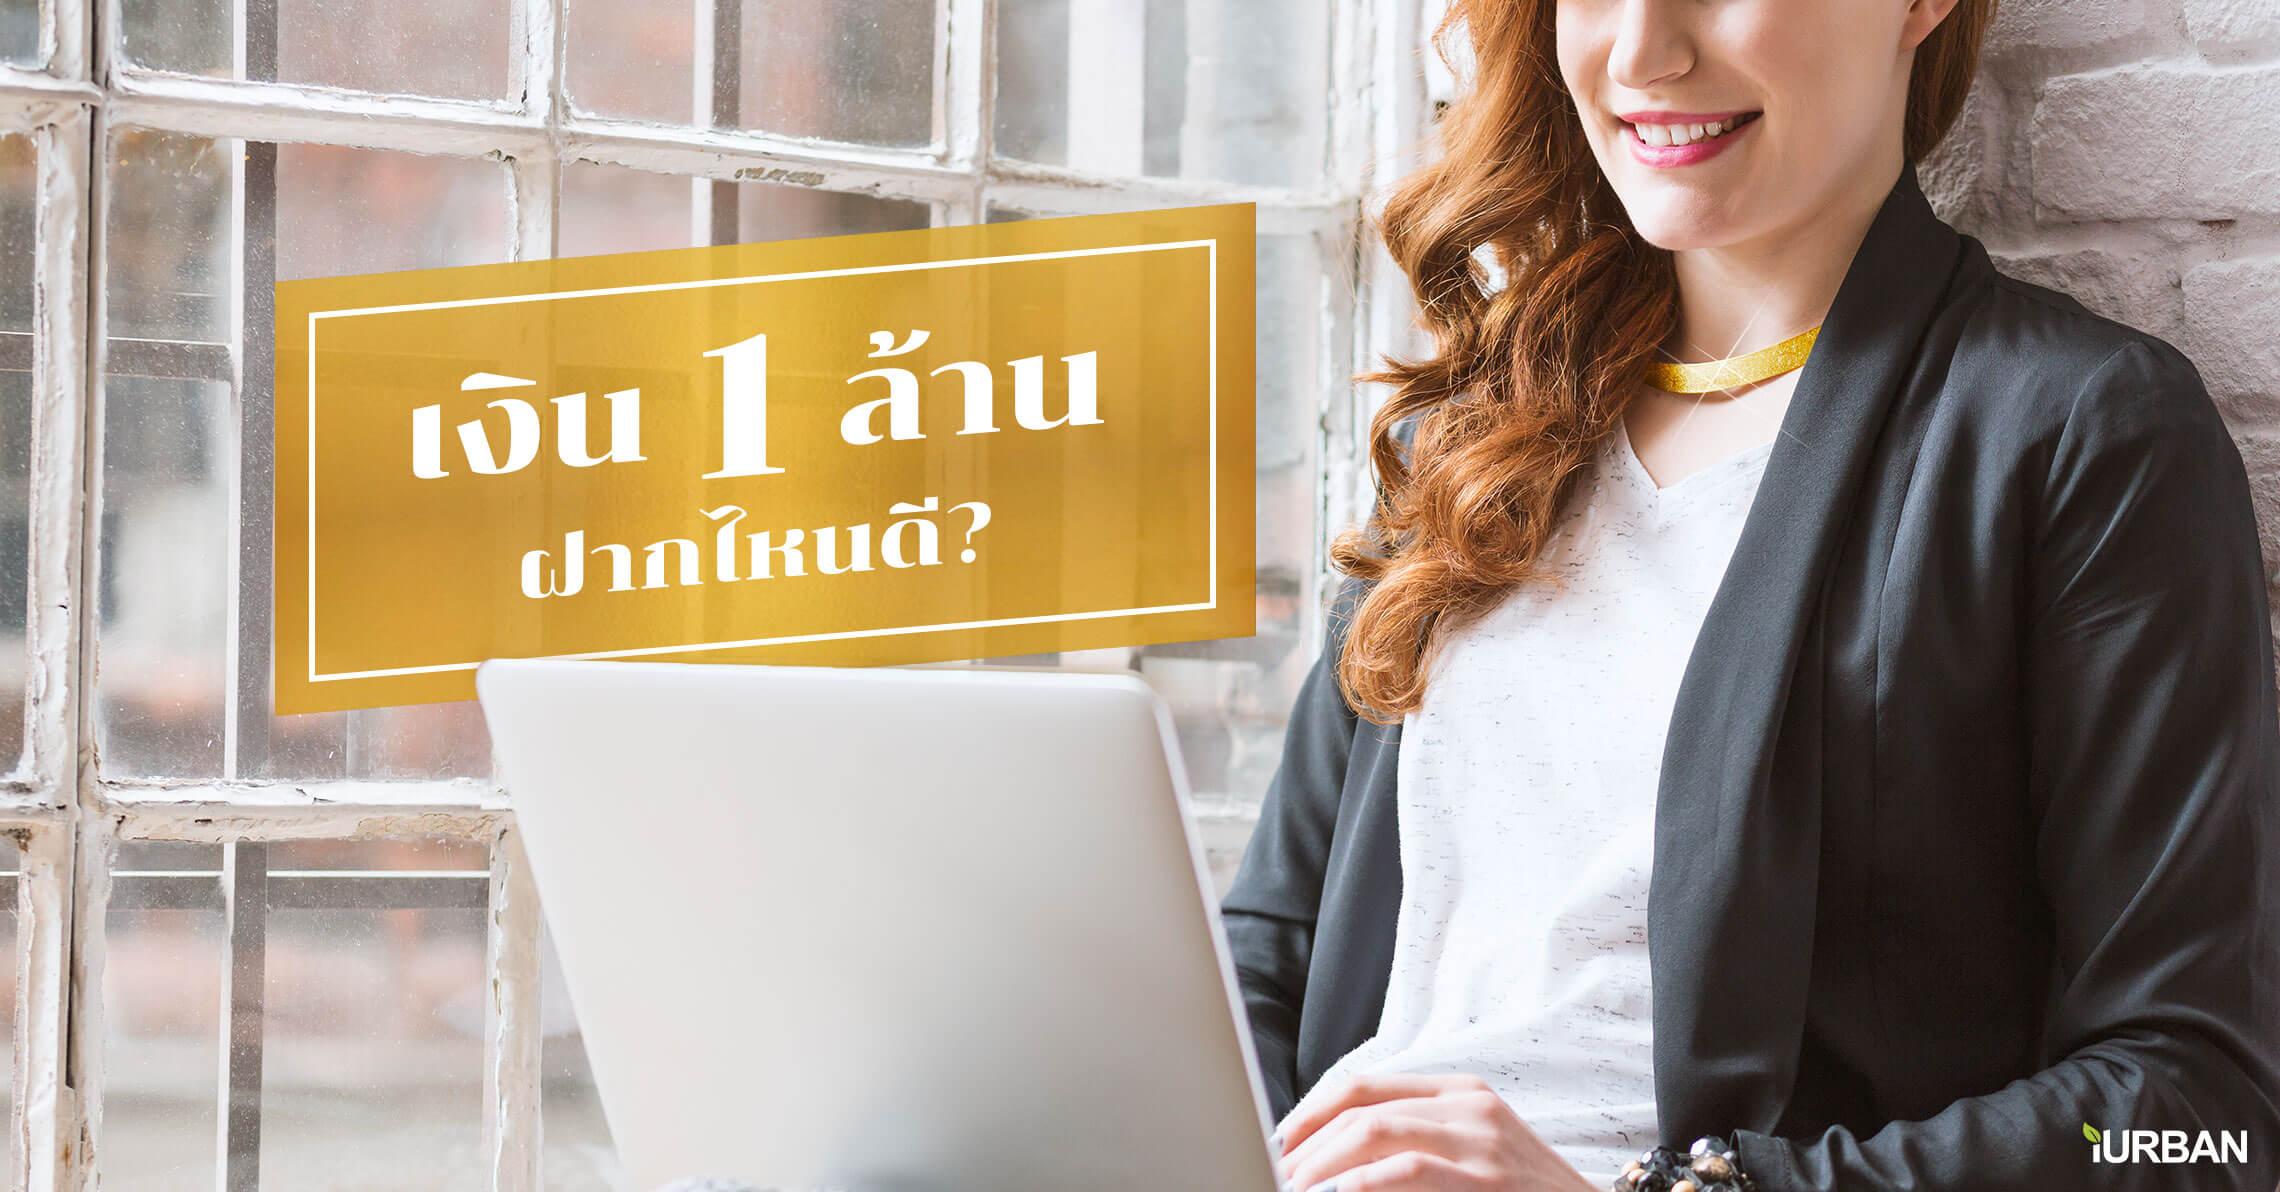 ปี 2018 มีเงิน 1 ล้าน ฝากไหนดี? Thanachart Ultra Savings ดอกเยอะ 1.5% ต่อปี จ่ายดอกเบี้ยทุกเดือน 8 - INSPIRATION